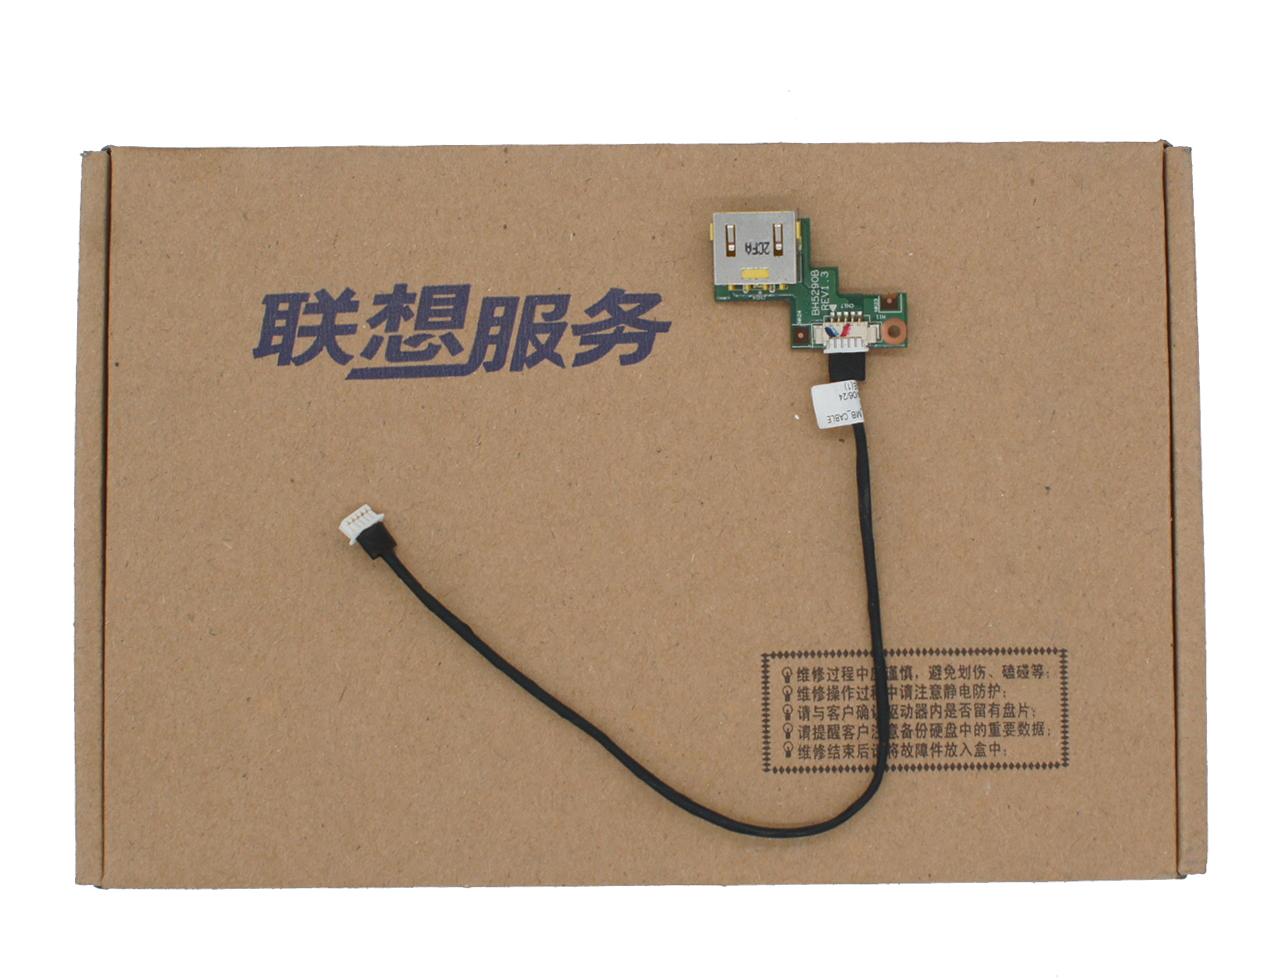 联想Lenovo IdeaPad S210 S215 S20-30 S210T S215T Touch DC Power Jack 电源接口小板